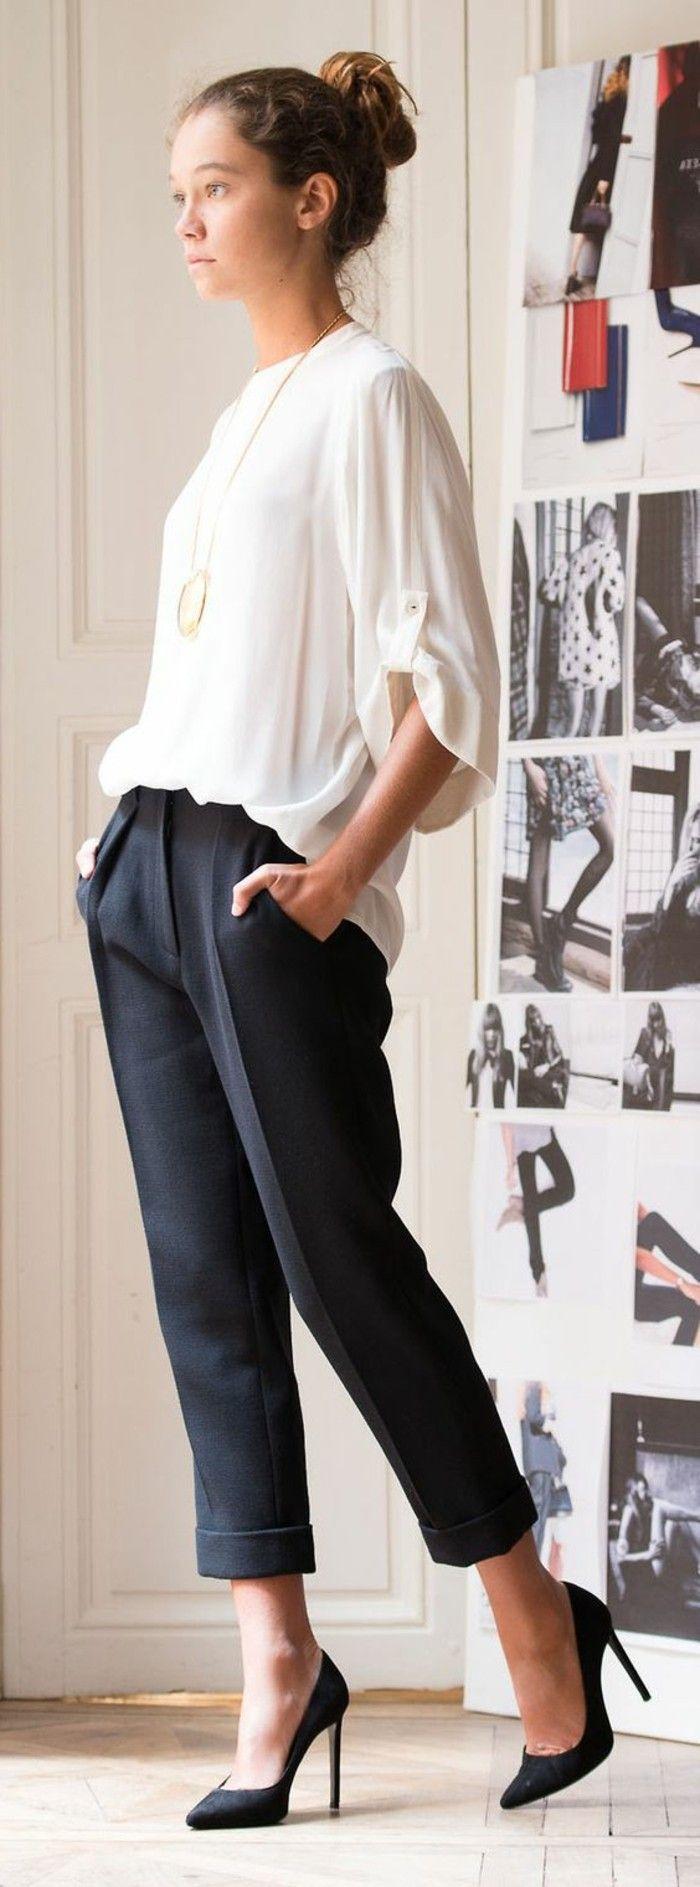 dernières tendances de la mode, pantalon noir officiel femme